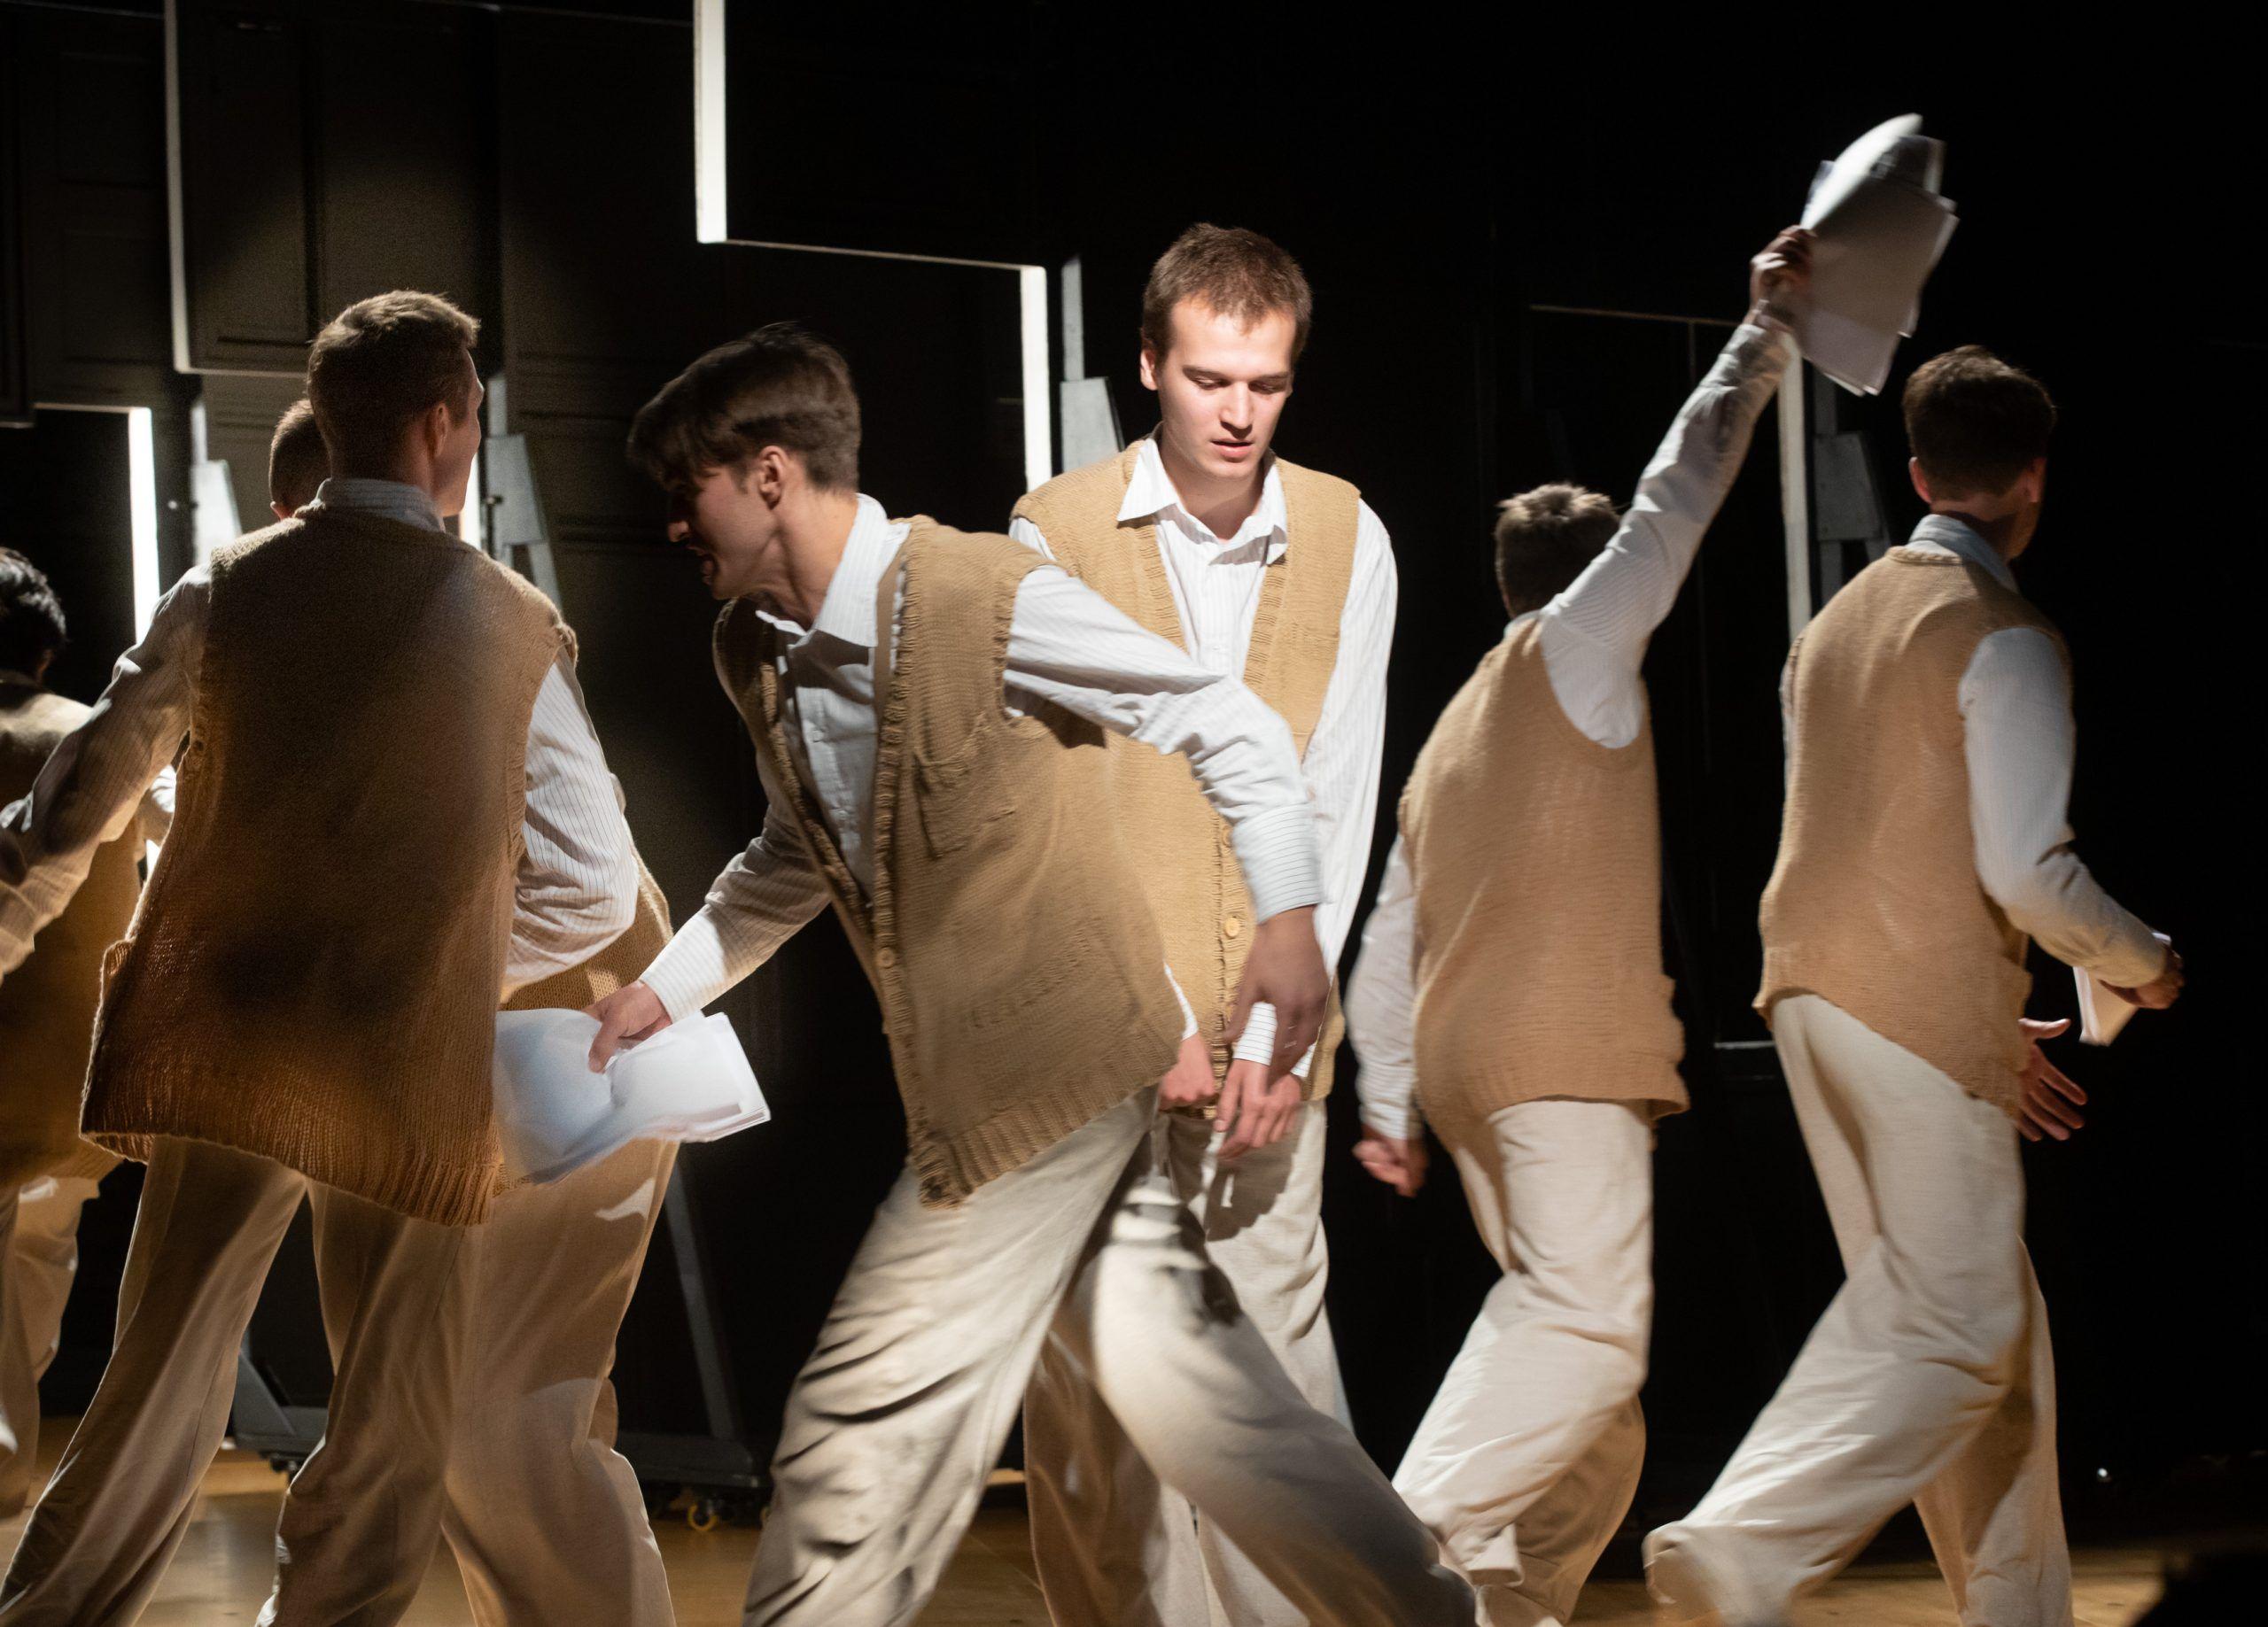 Спектакль «Старуха» в театре «Студия театрального искусства» фото 5